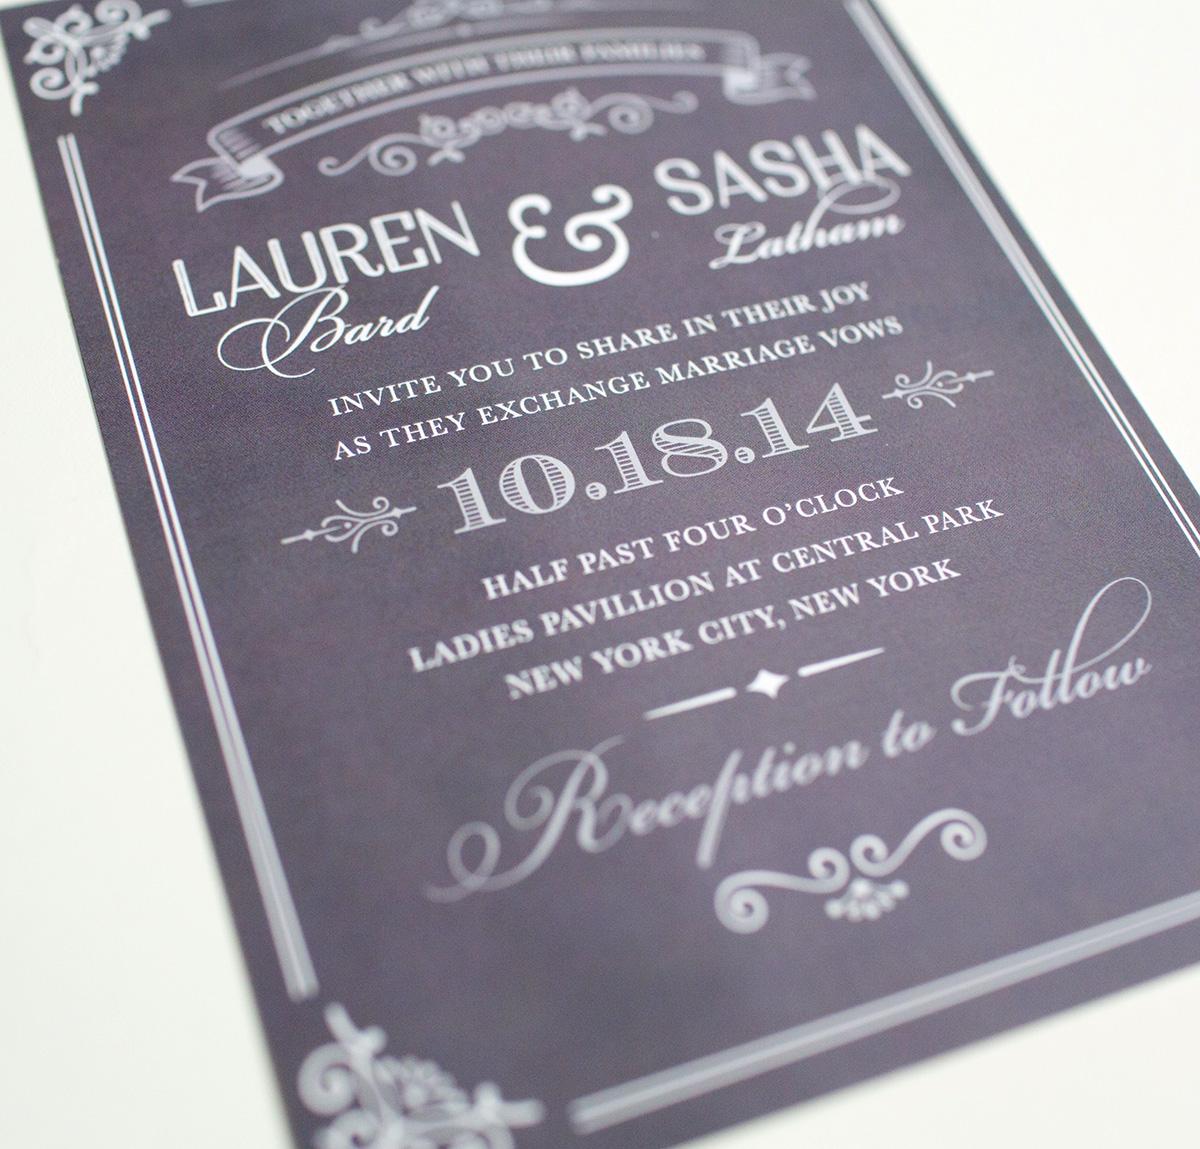 Lauren-04.jpg